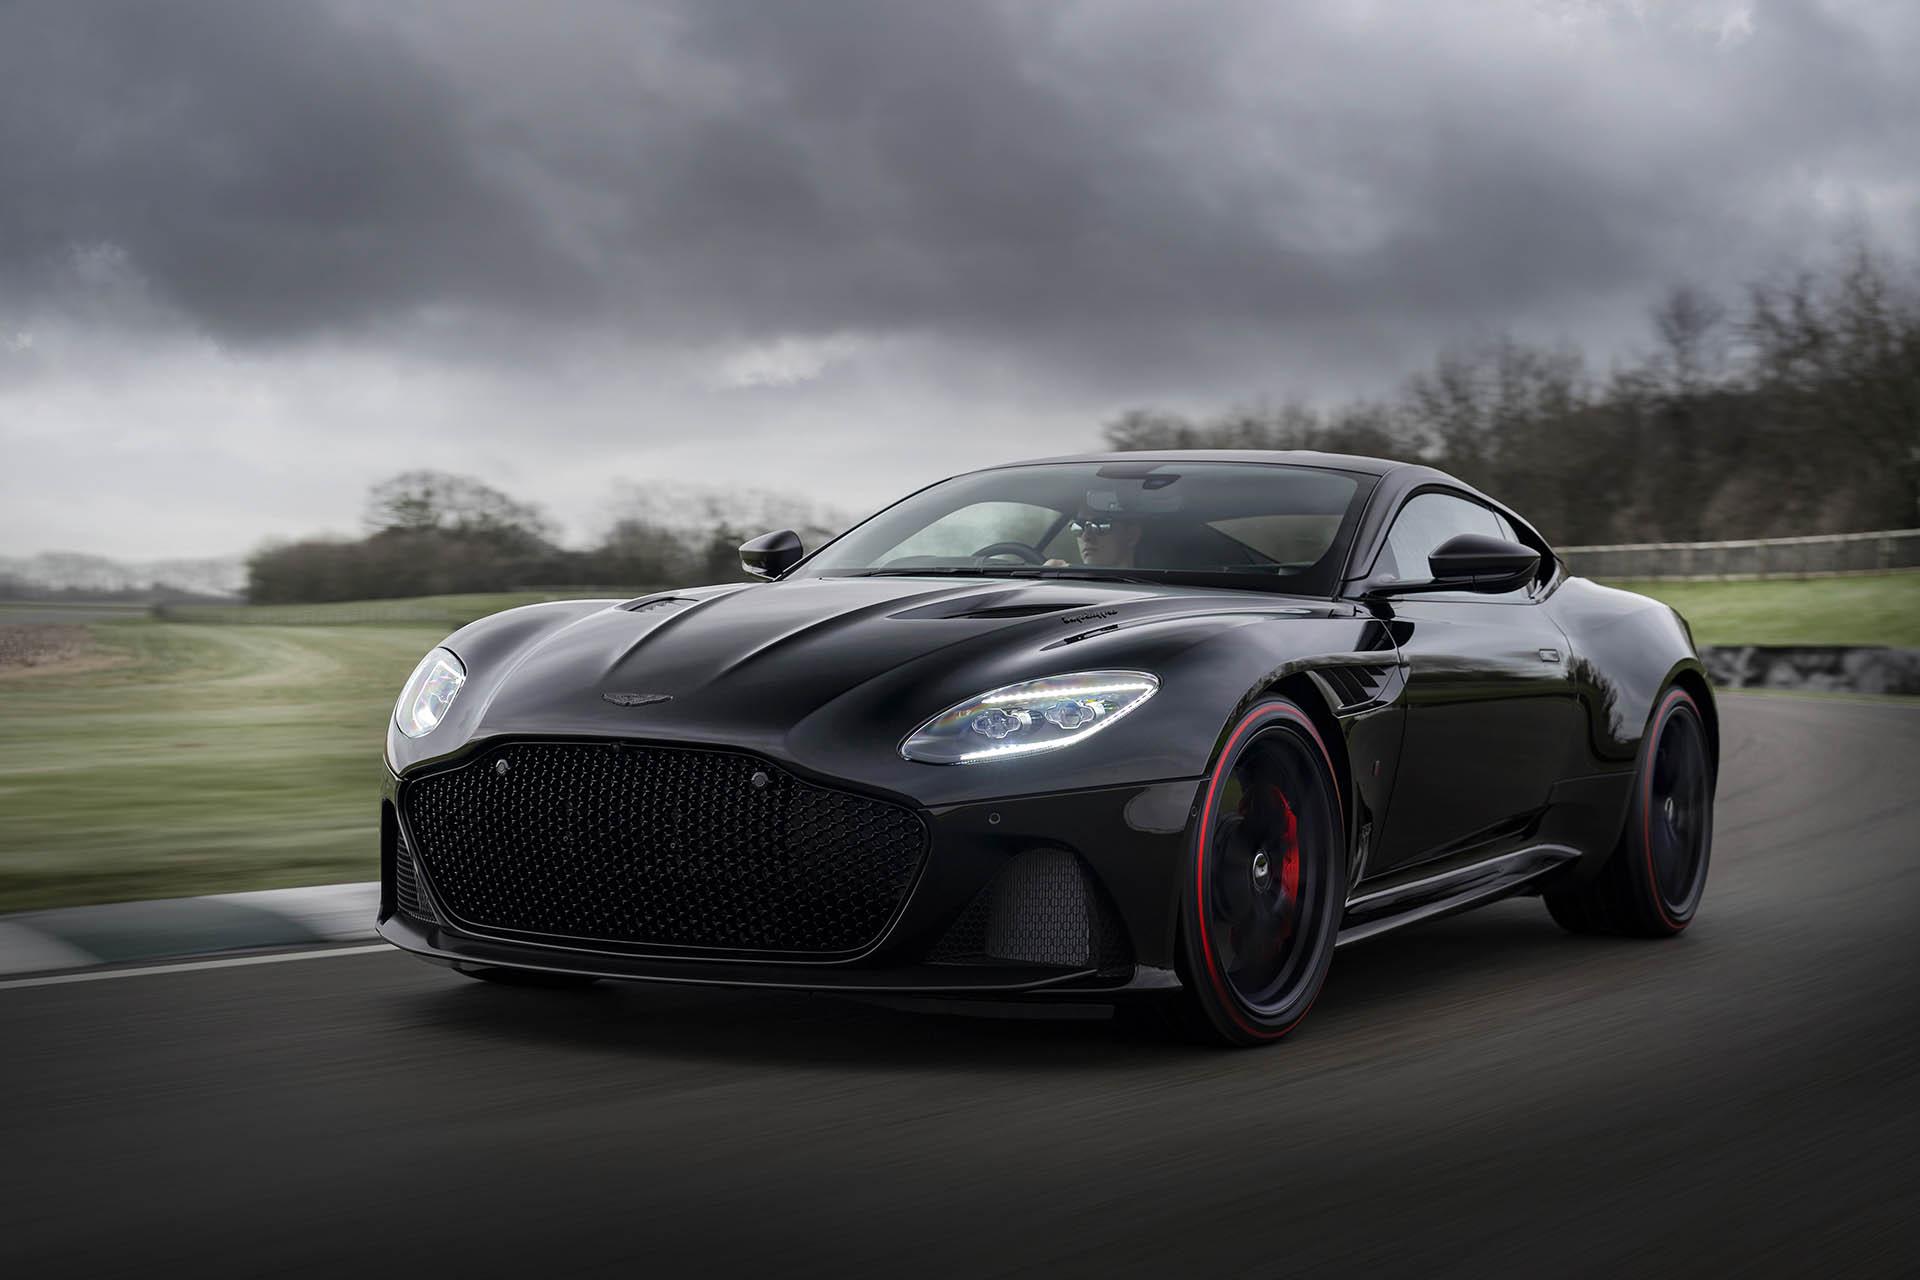 Den mattschwarzen Aston Martin DBS Superleggera TAG Heuer Edition gibt es gratis dazu.